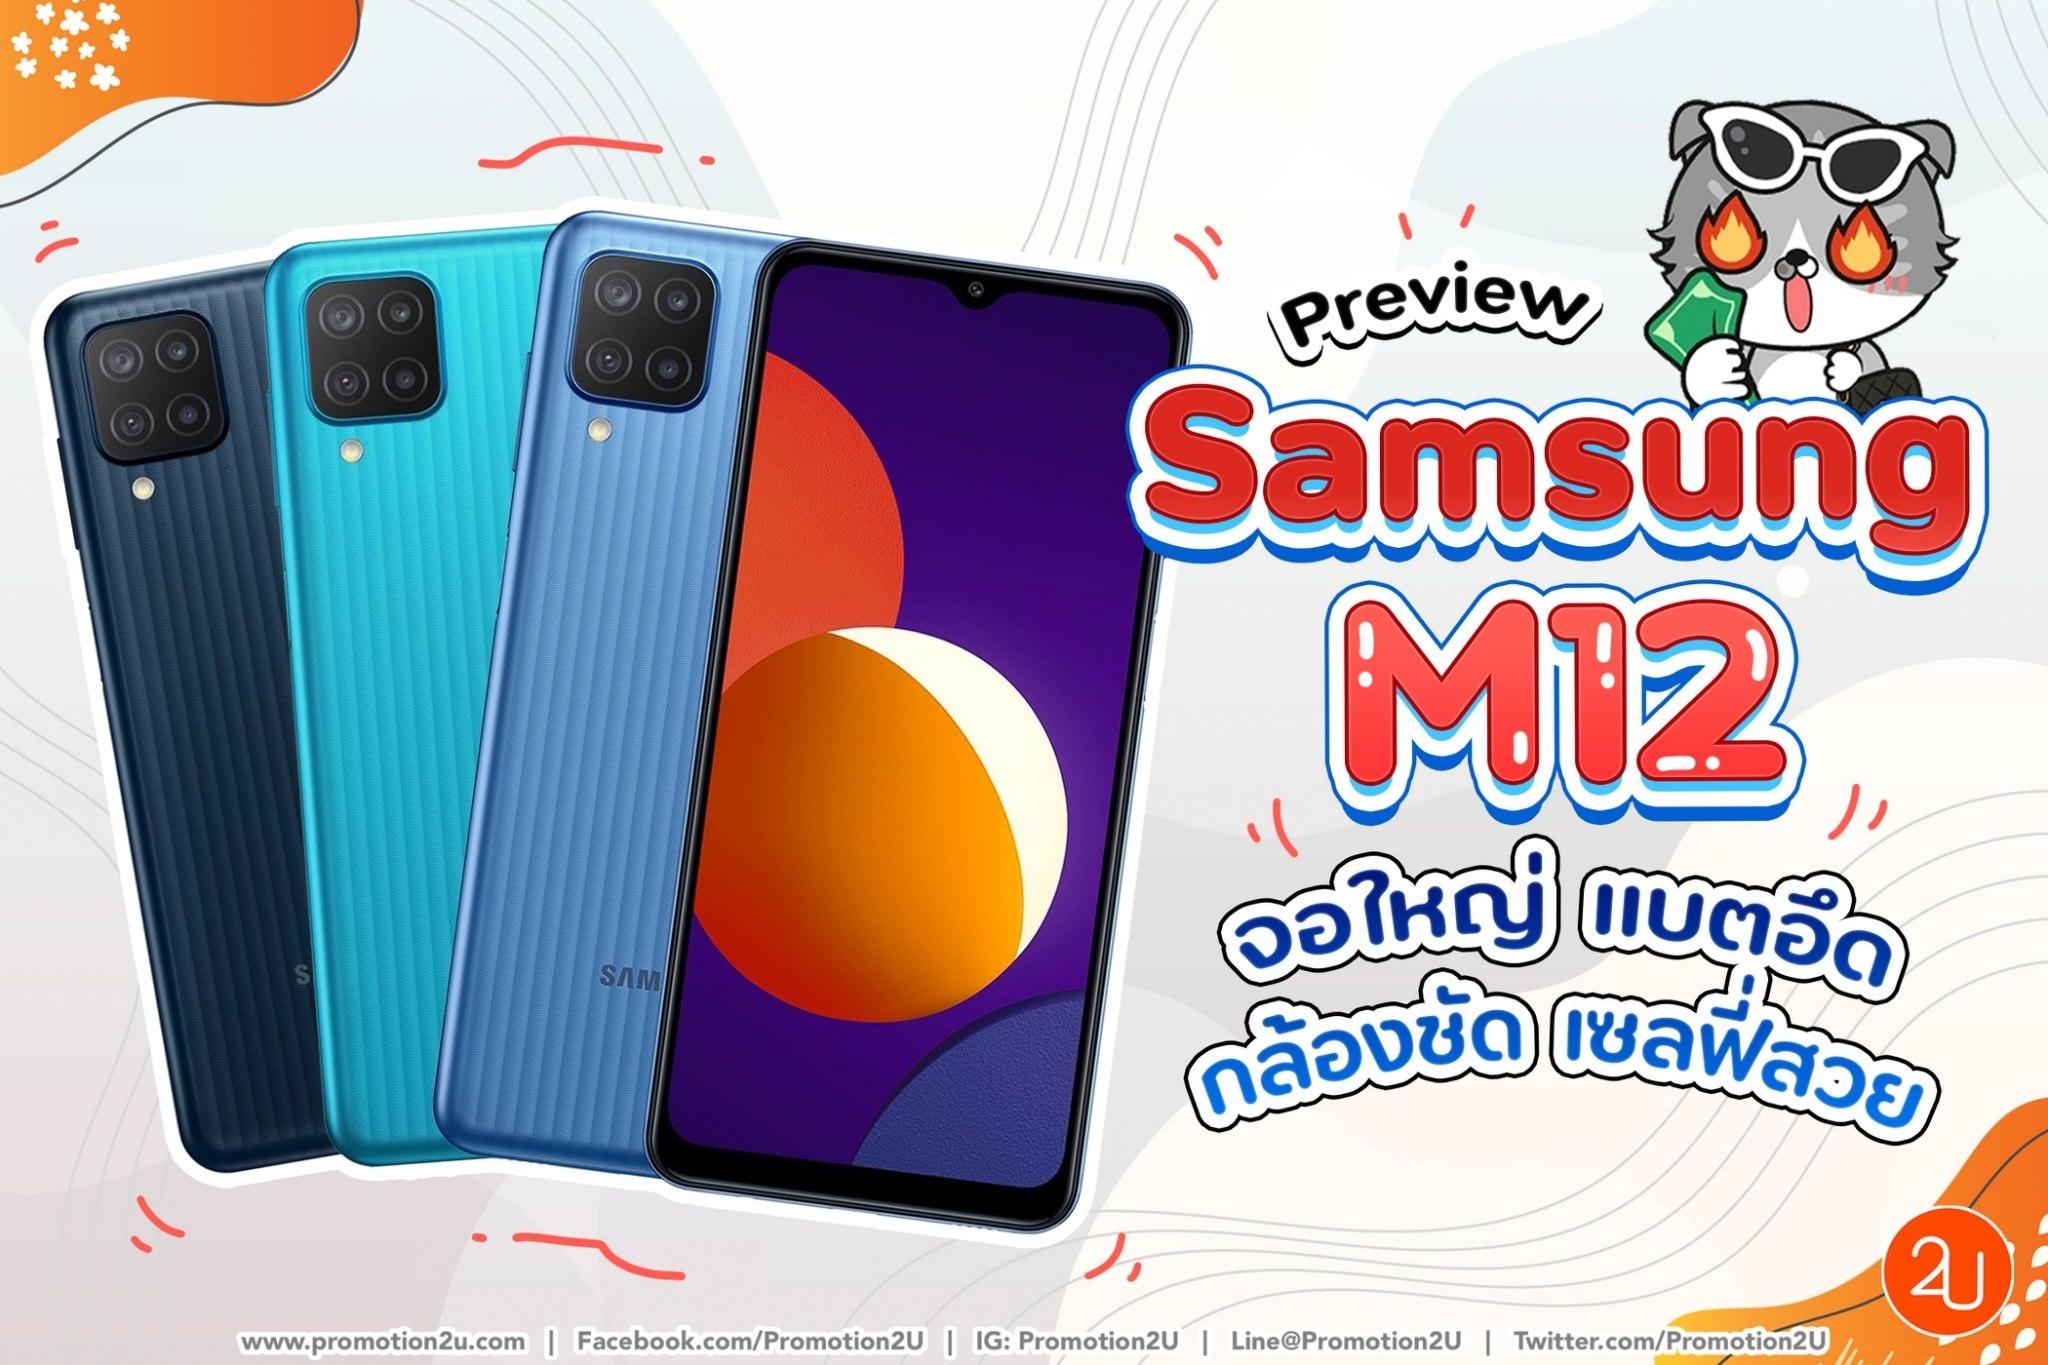 ใหม่! Samsung Galaxy M12 แบตอึด จอใหญ่ ในราคาสุดคุ้ม